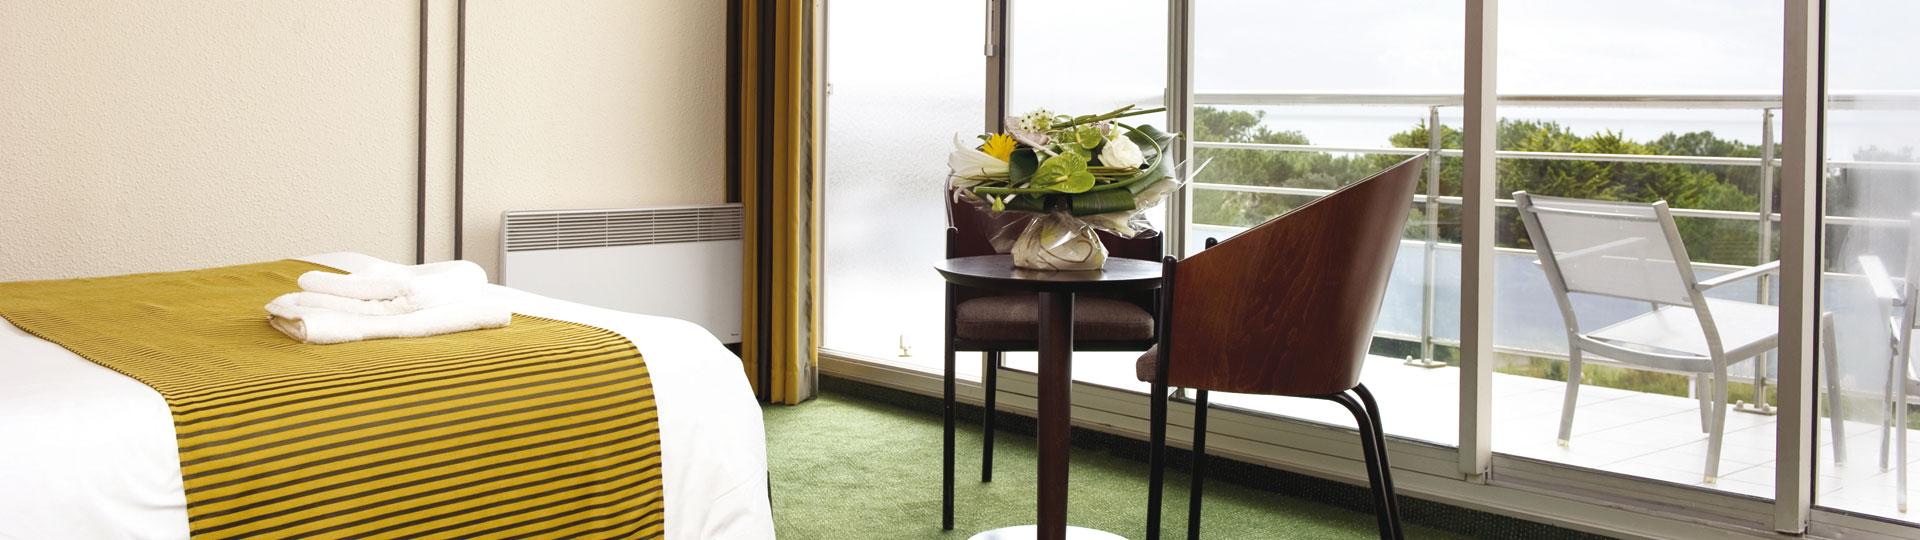 Chambre familiale - Hôtel *** Les Jardins de l'Atlantique